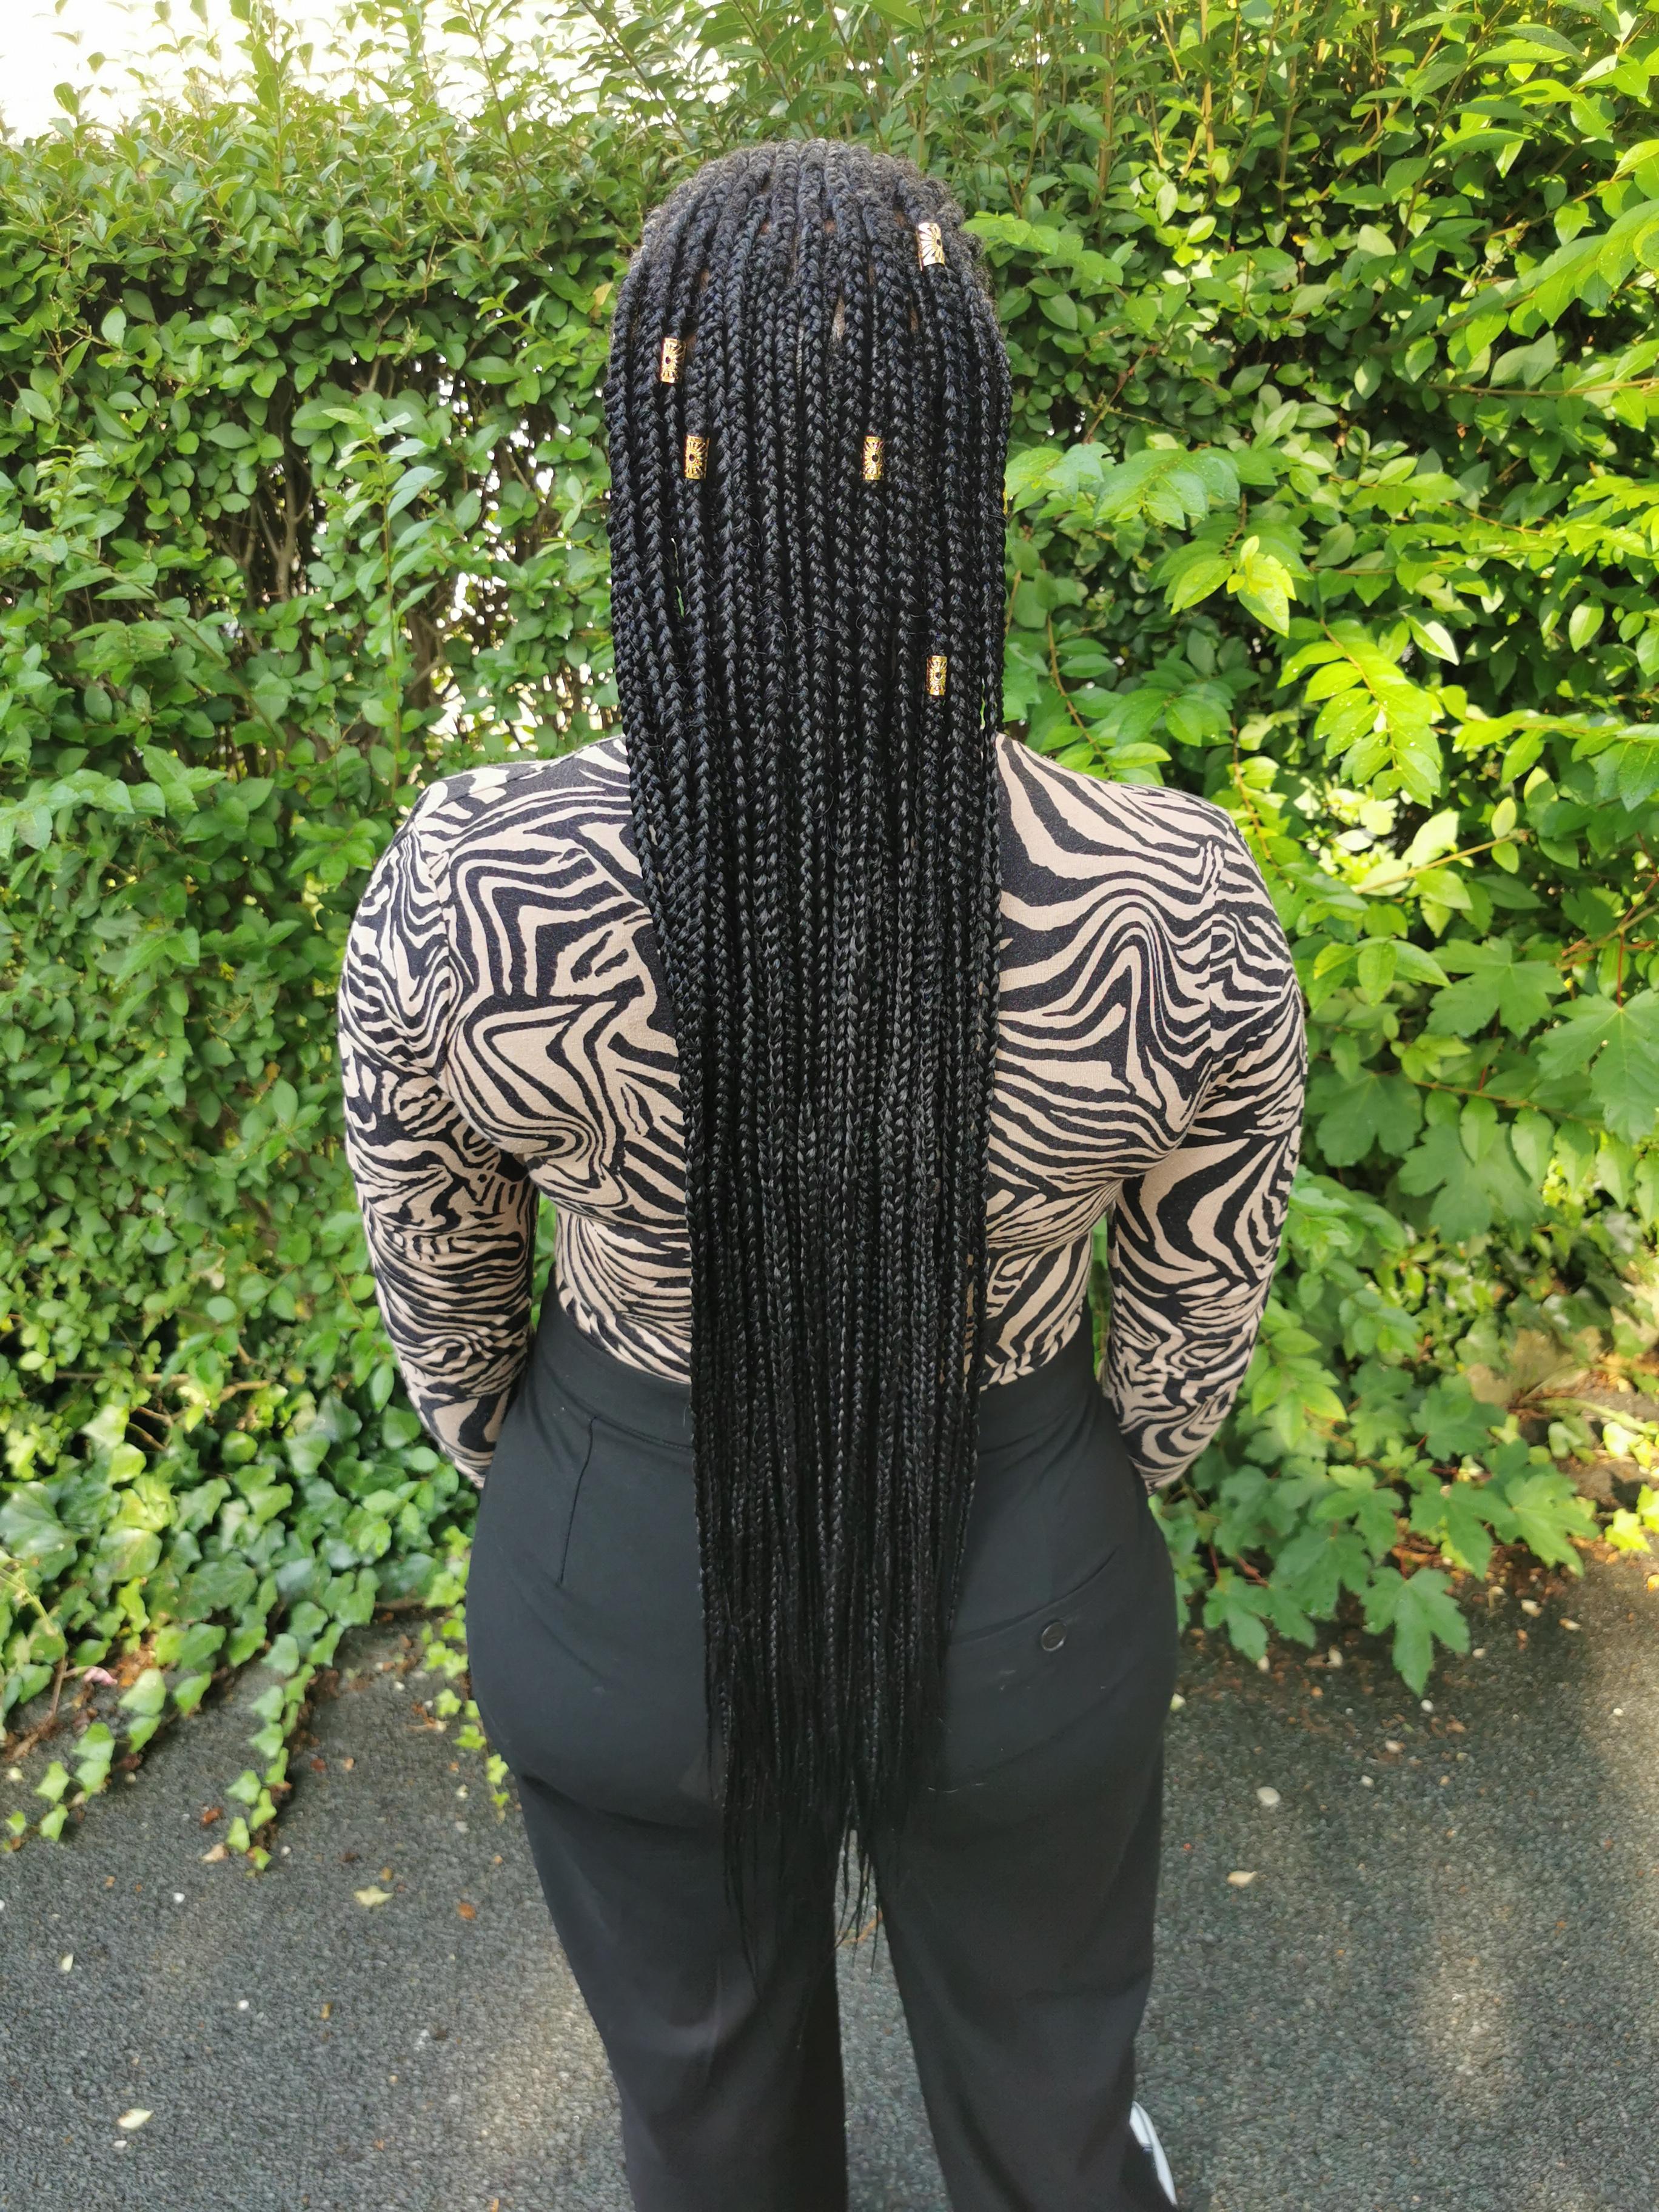 salon de coiffure afro tresse tresses box braids crochet braids vanilles tissages paris 75 77 78 91 92 93 94 95 WBLKIUXZ